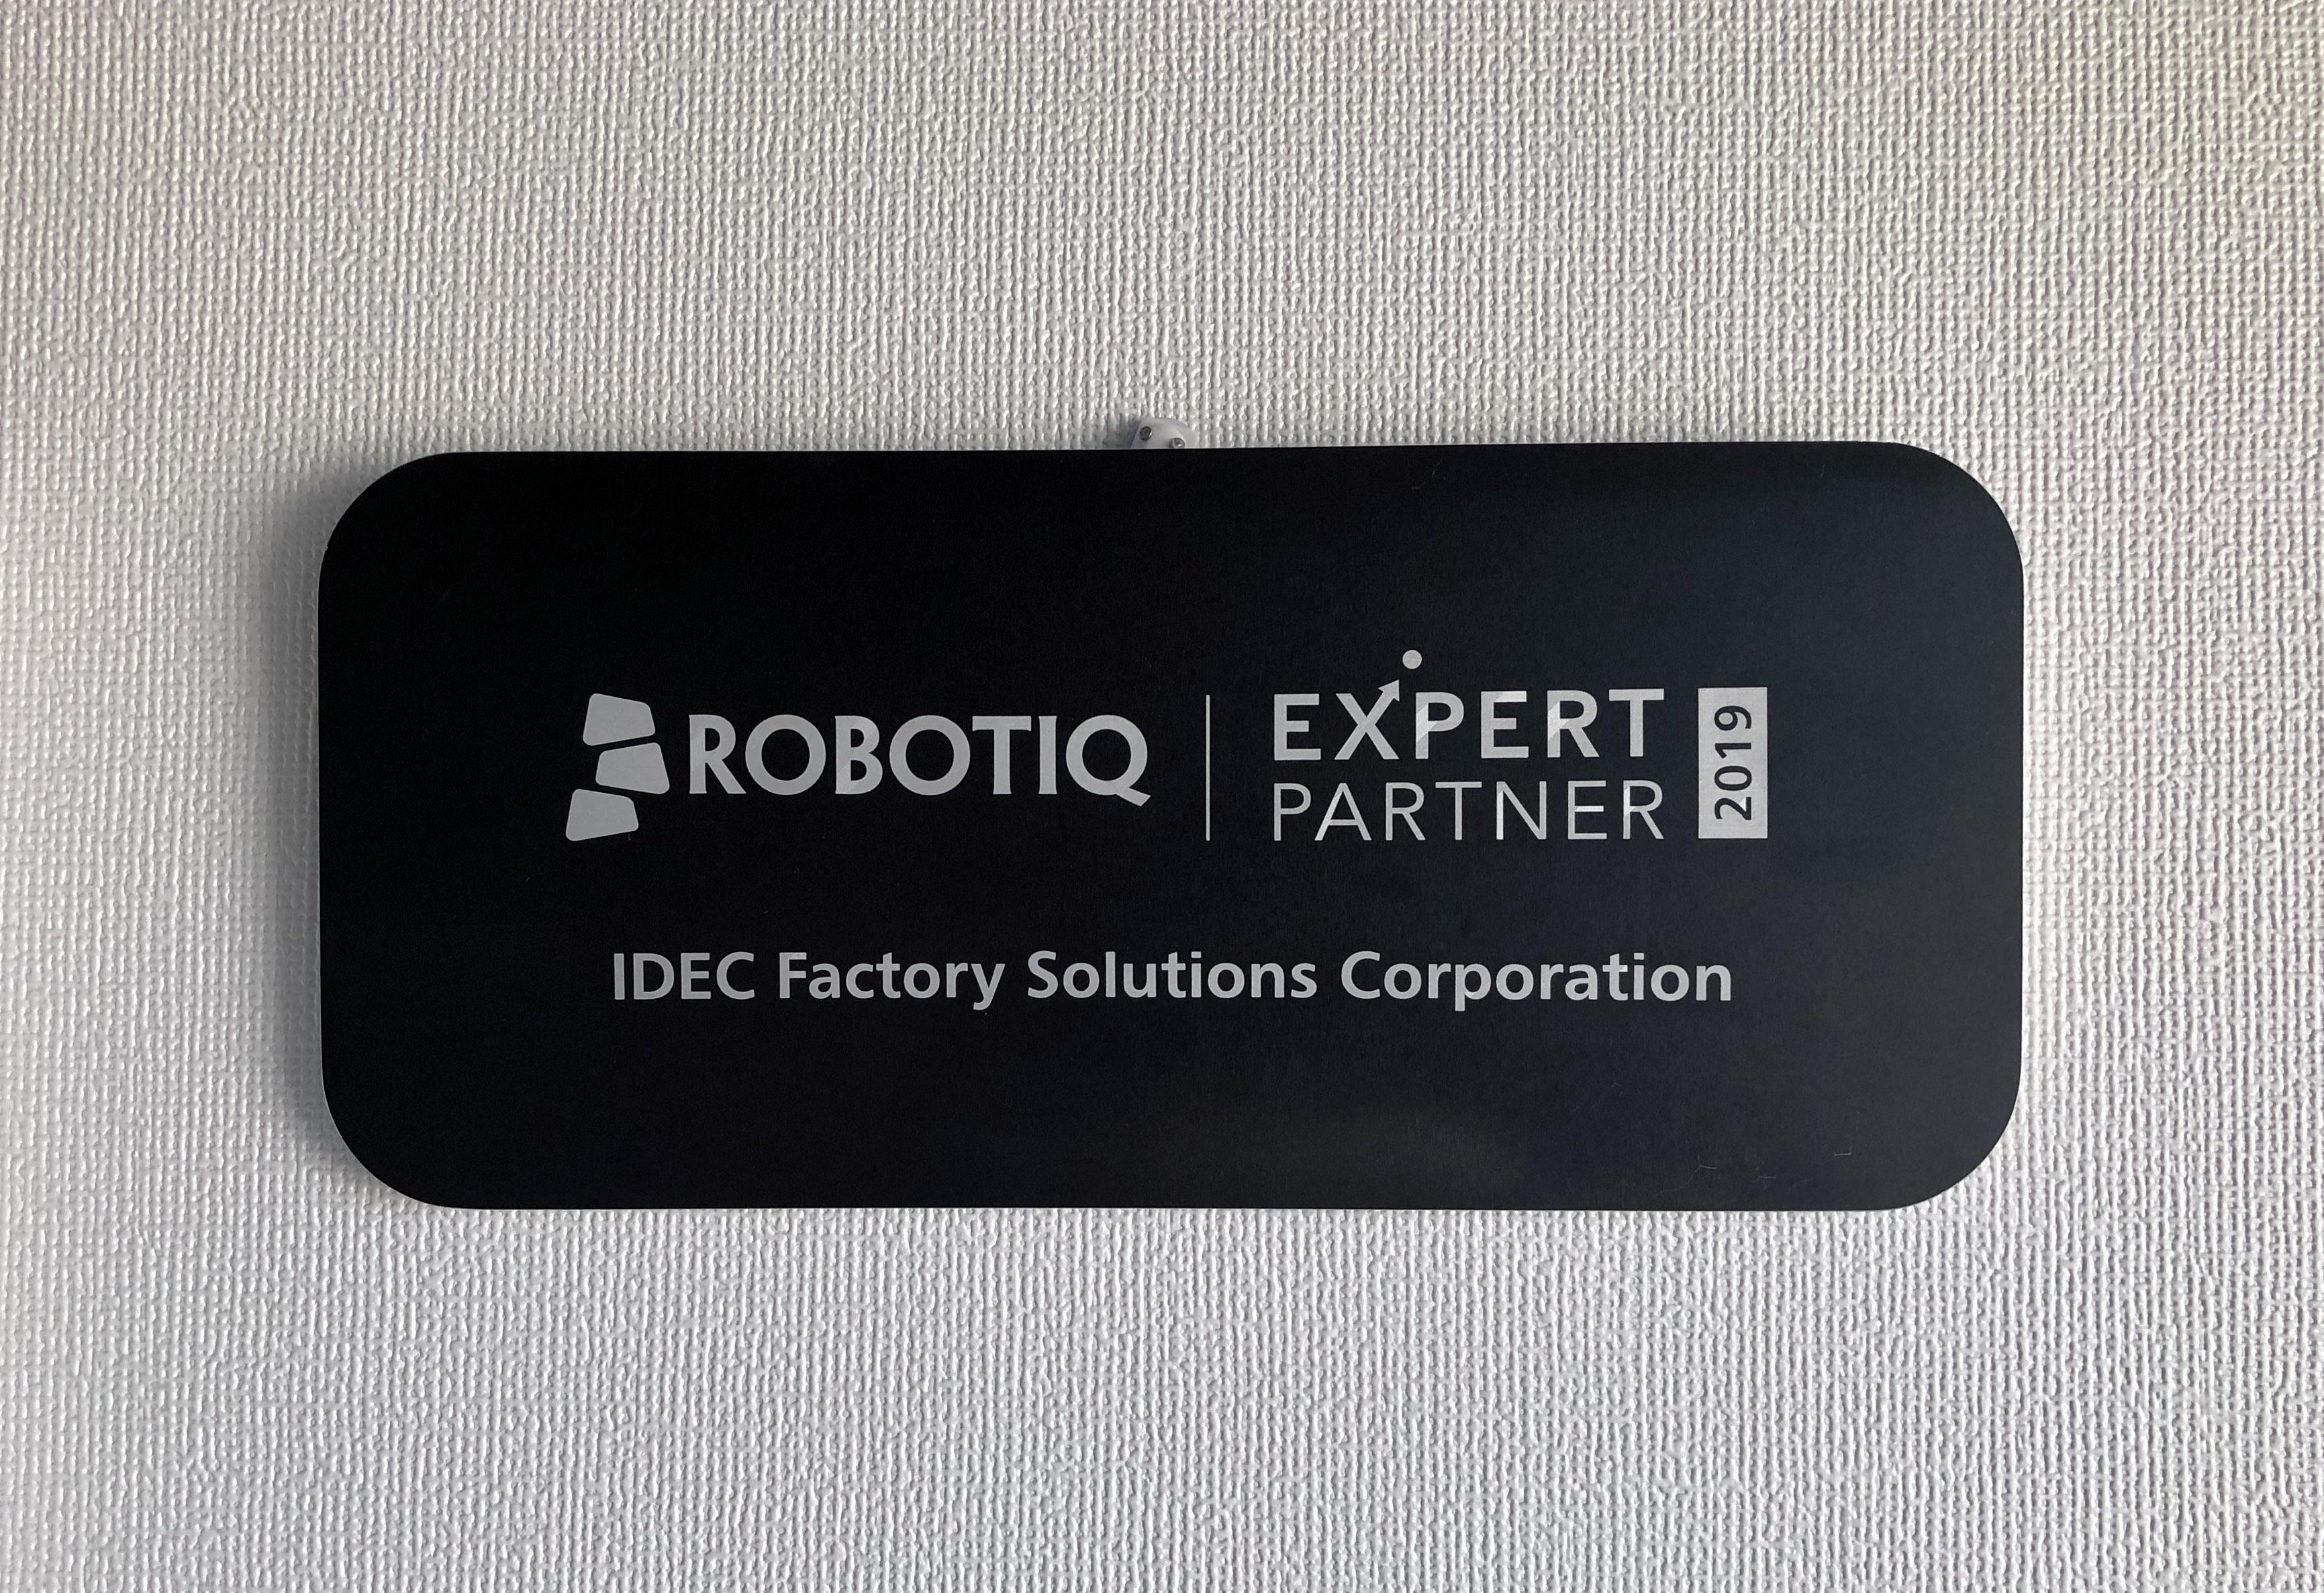 弊社は、ROBOTIQのエキスパートパートナー2019の認定を受けました。